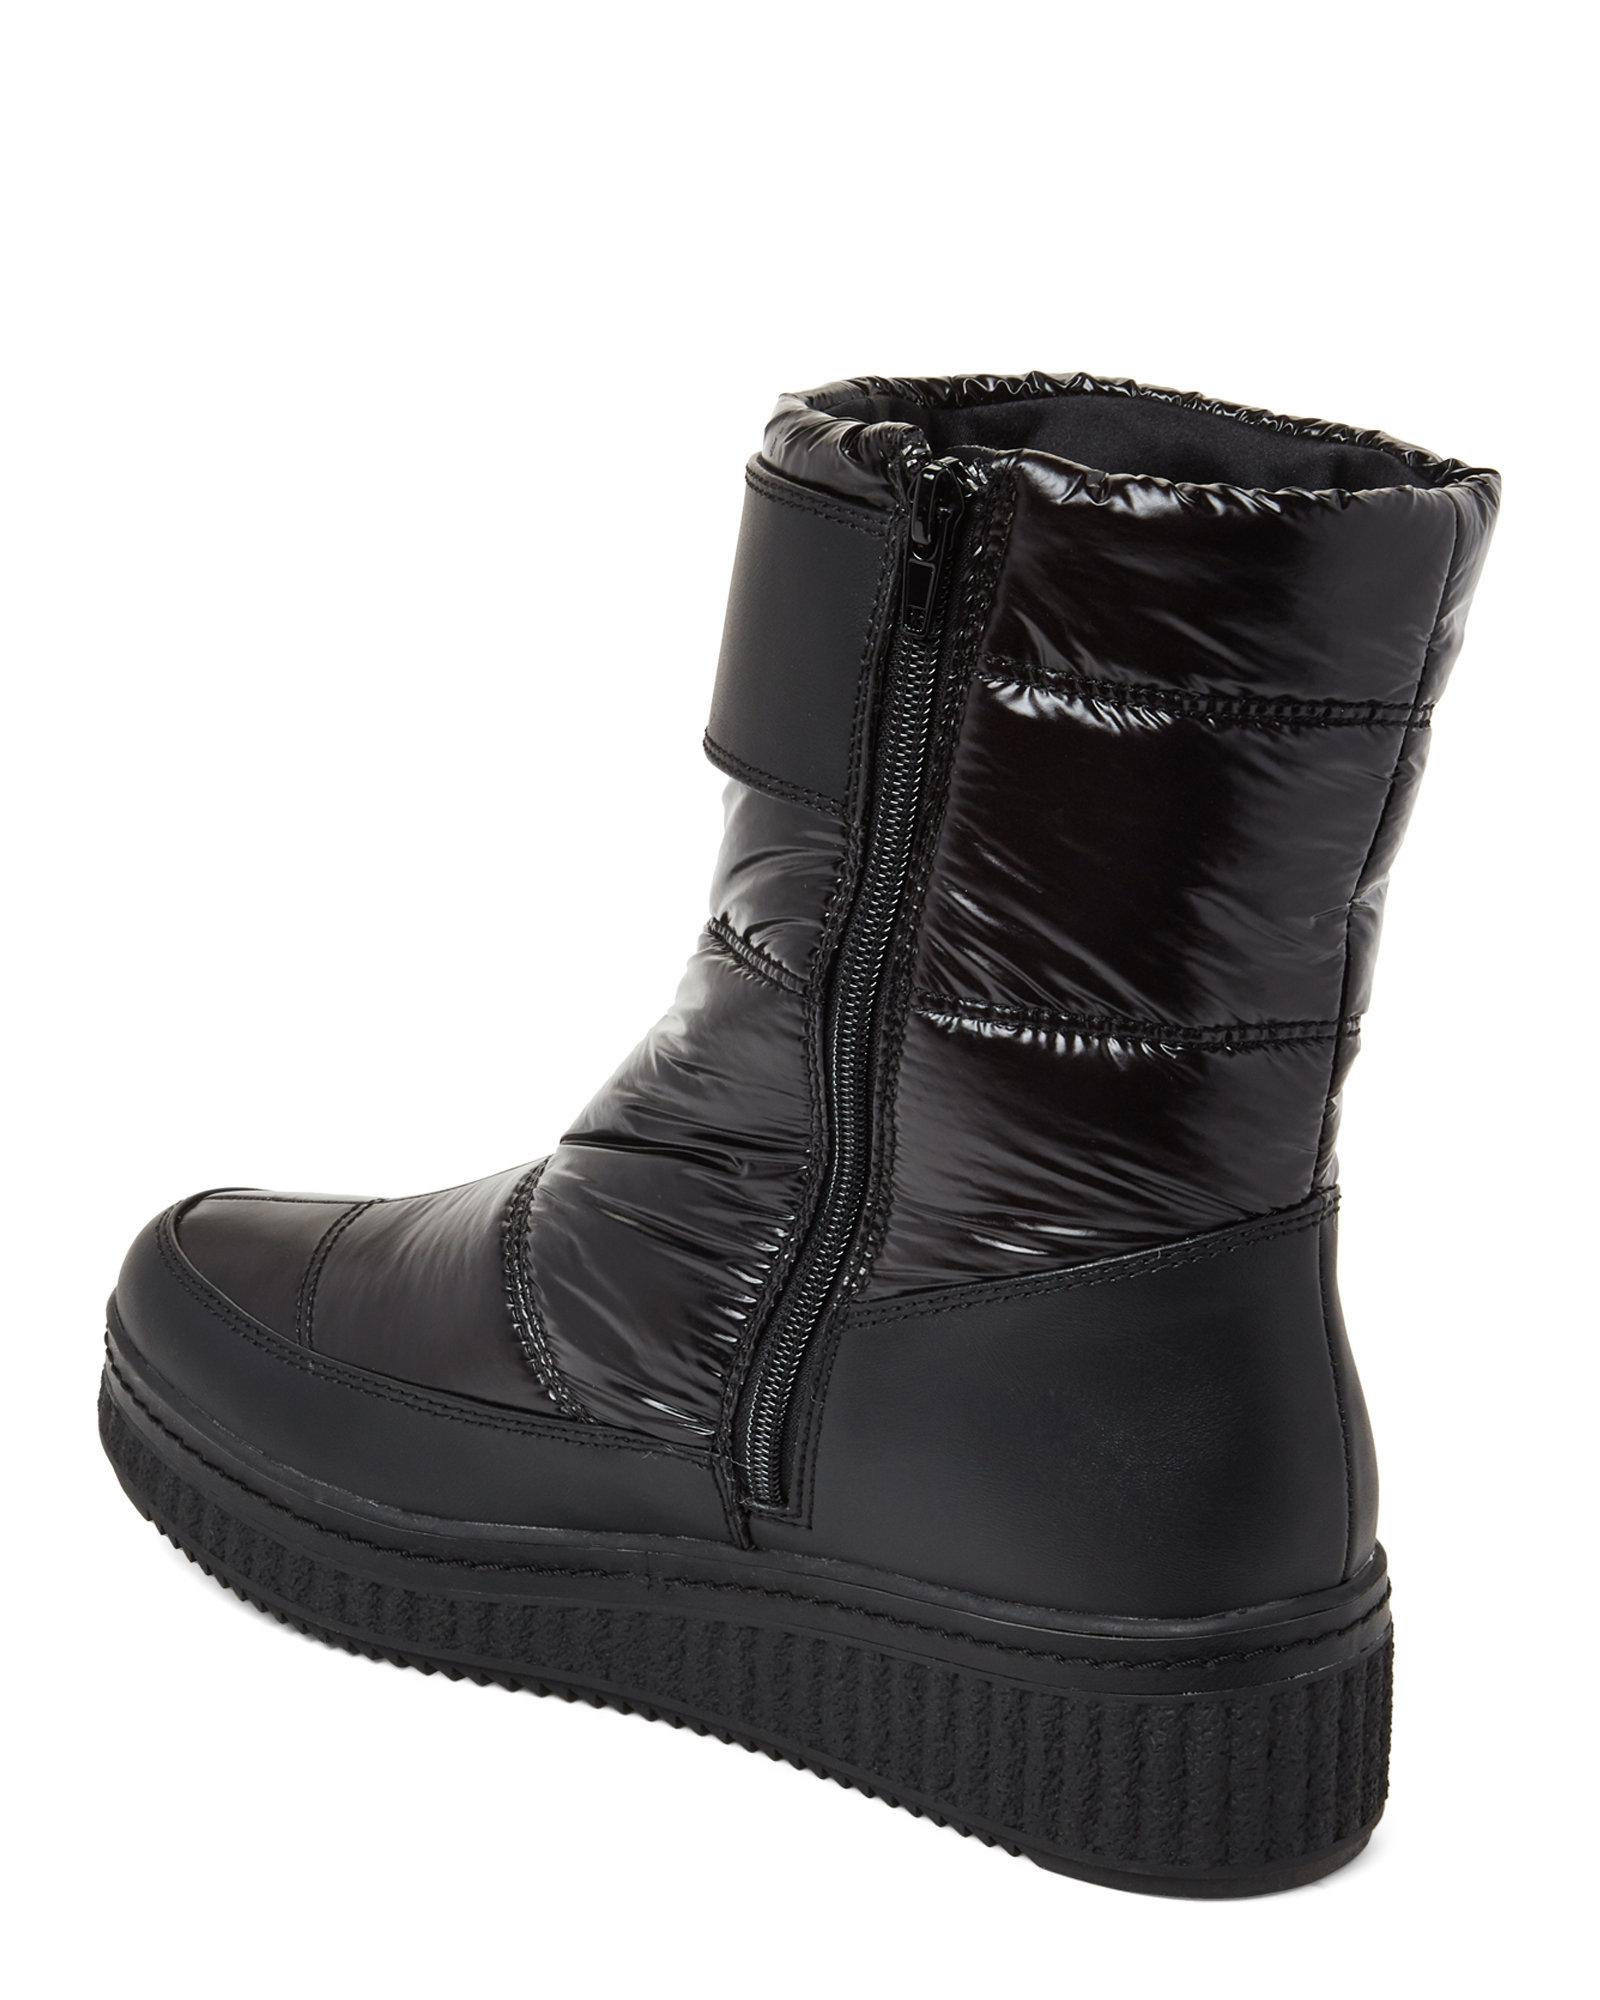 Black Leonie Nylon Wedge Boots